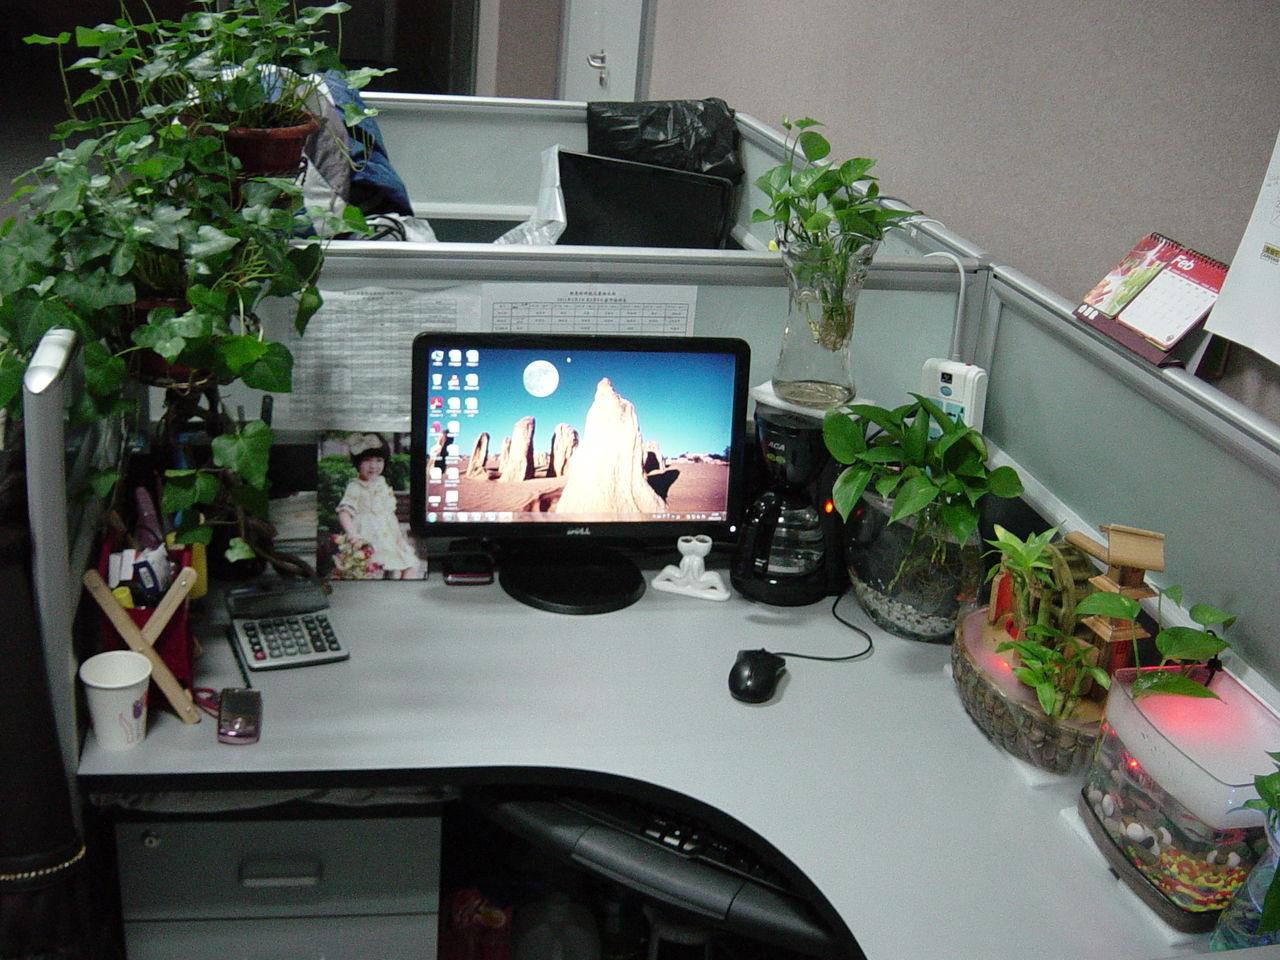 【首先是办公桌的摆放】图片